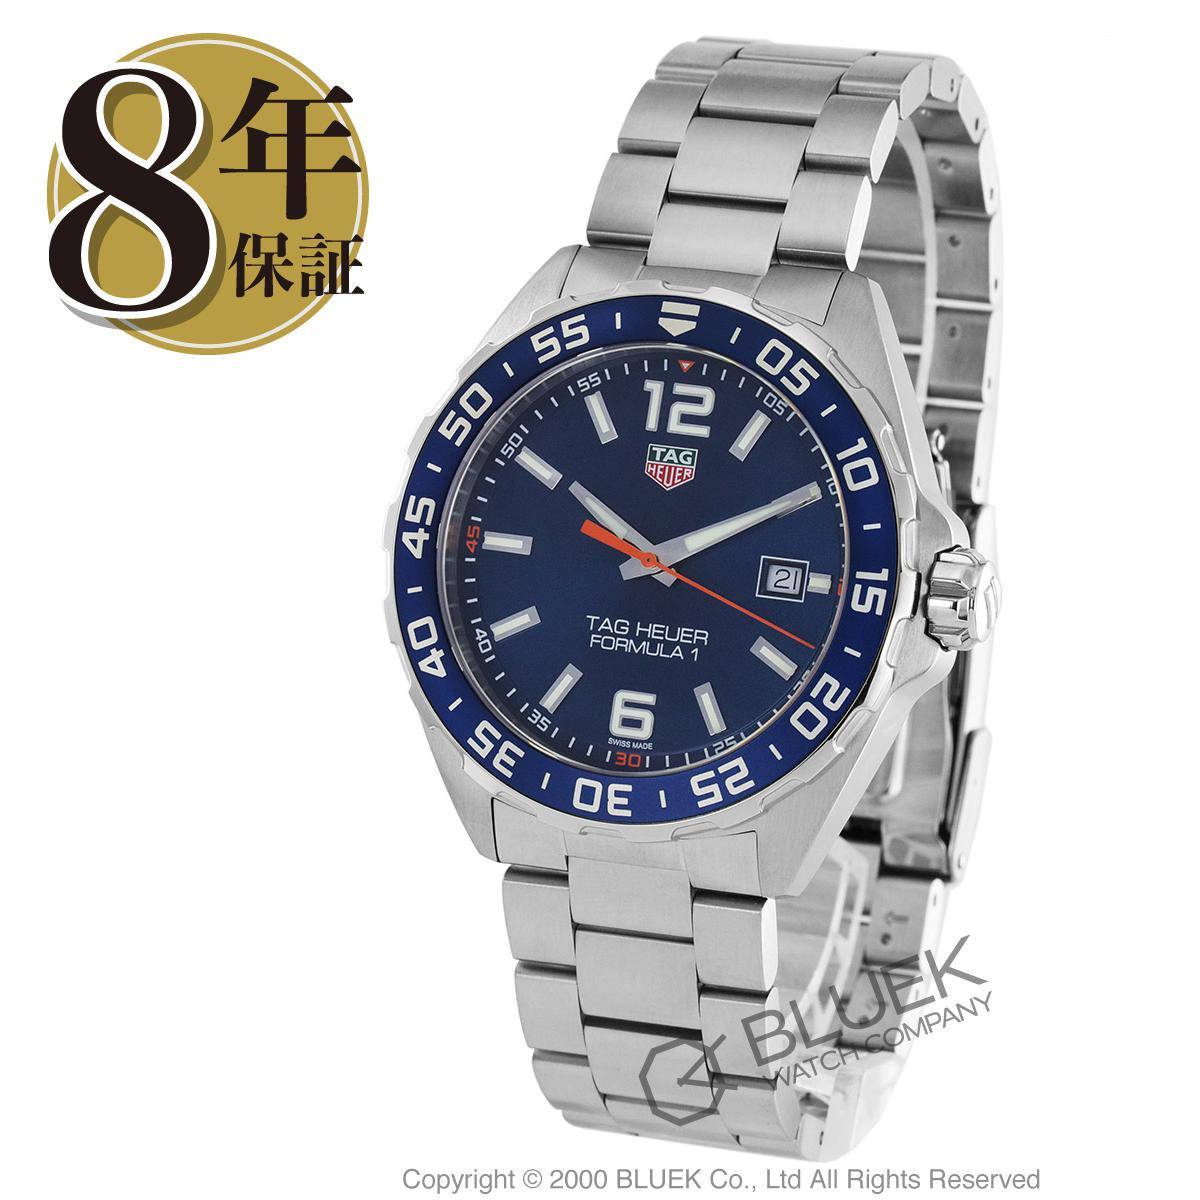 タグホイヤー フォーミュラ1 腕時計 メンズ TAG Heuer WAZ1010.BA0842_8 バーゲン 成人祝い ギフト プレゼント